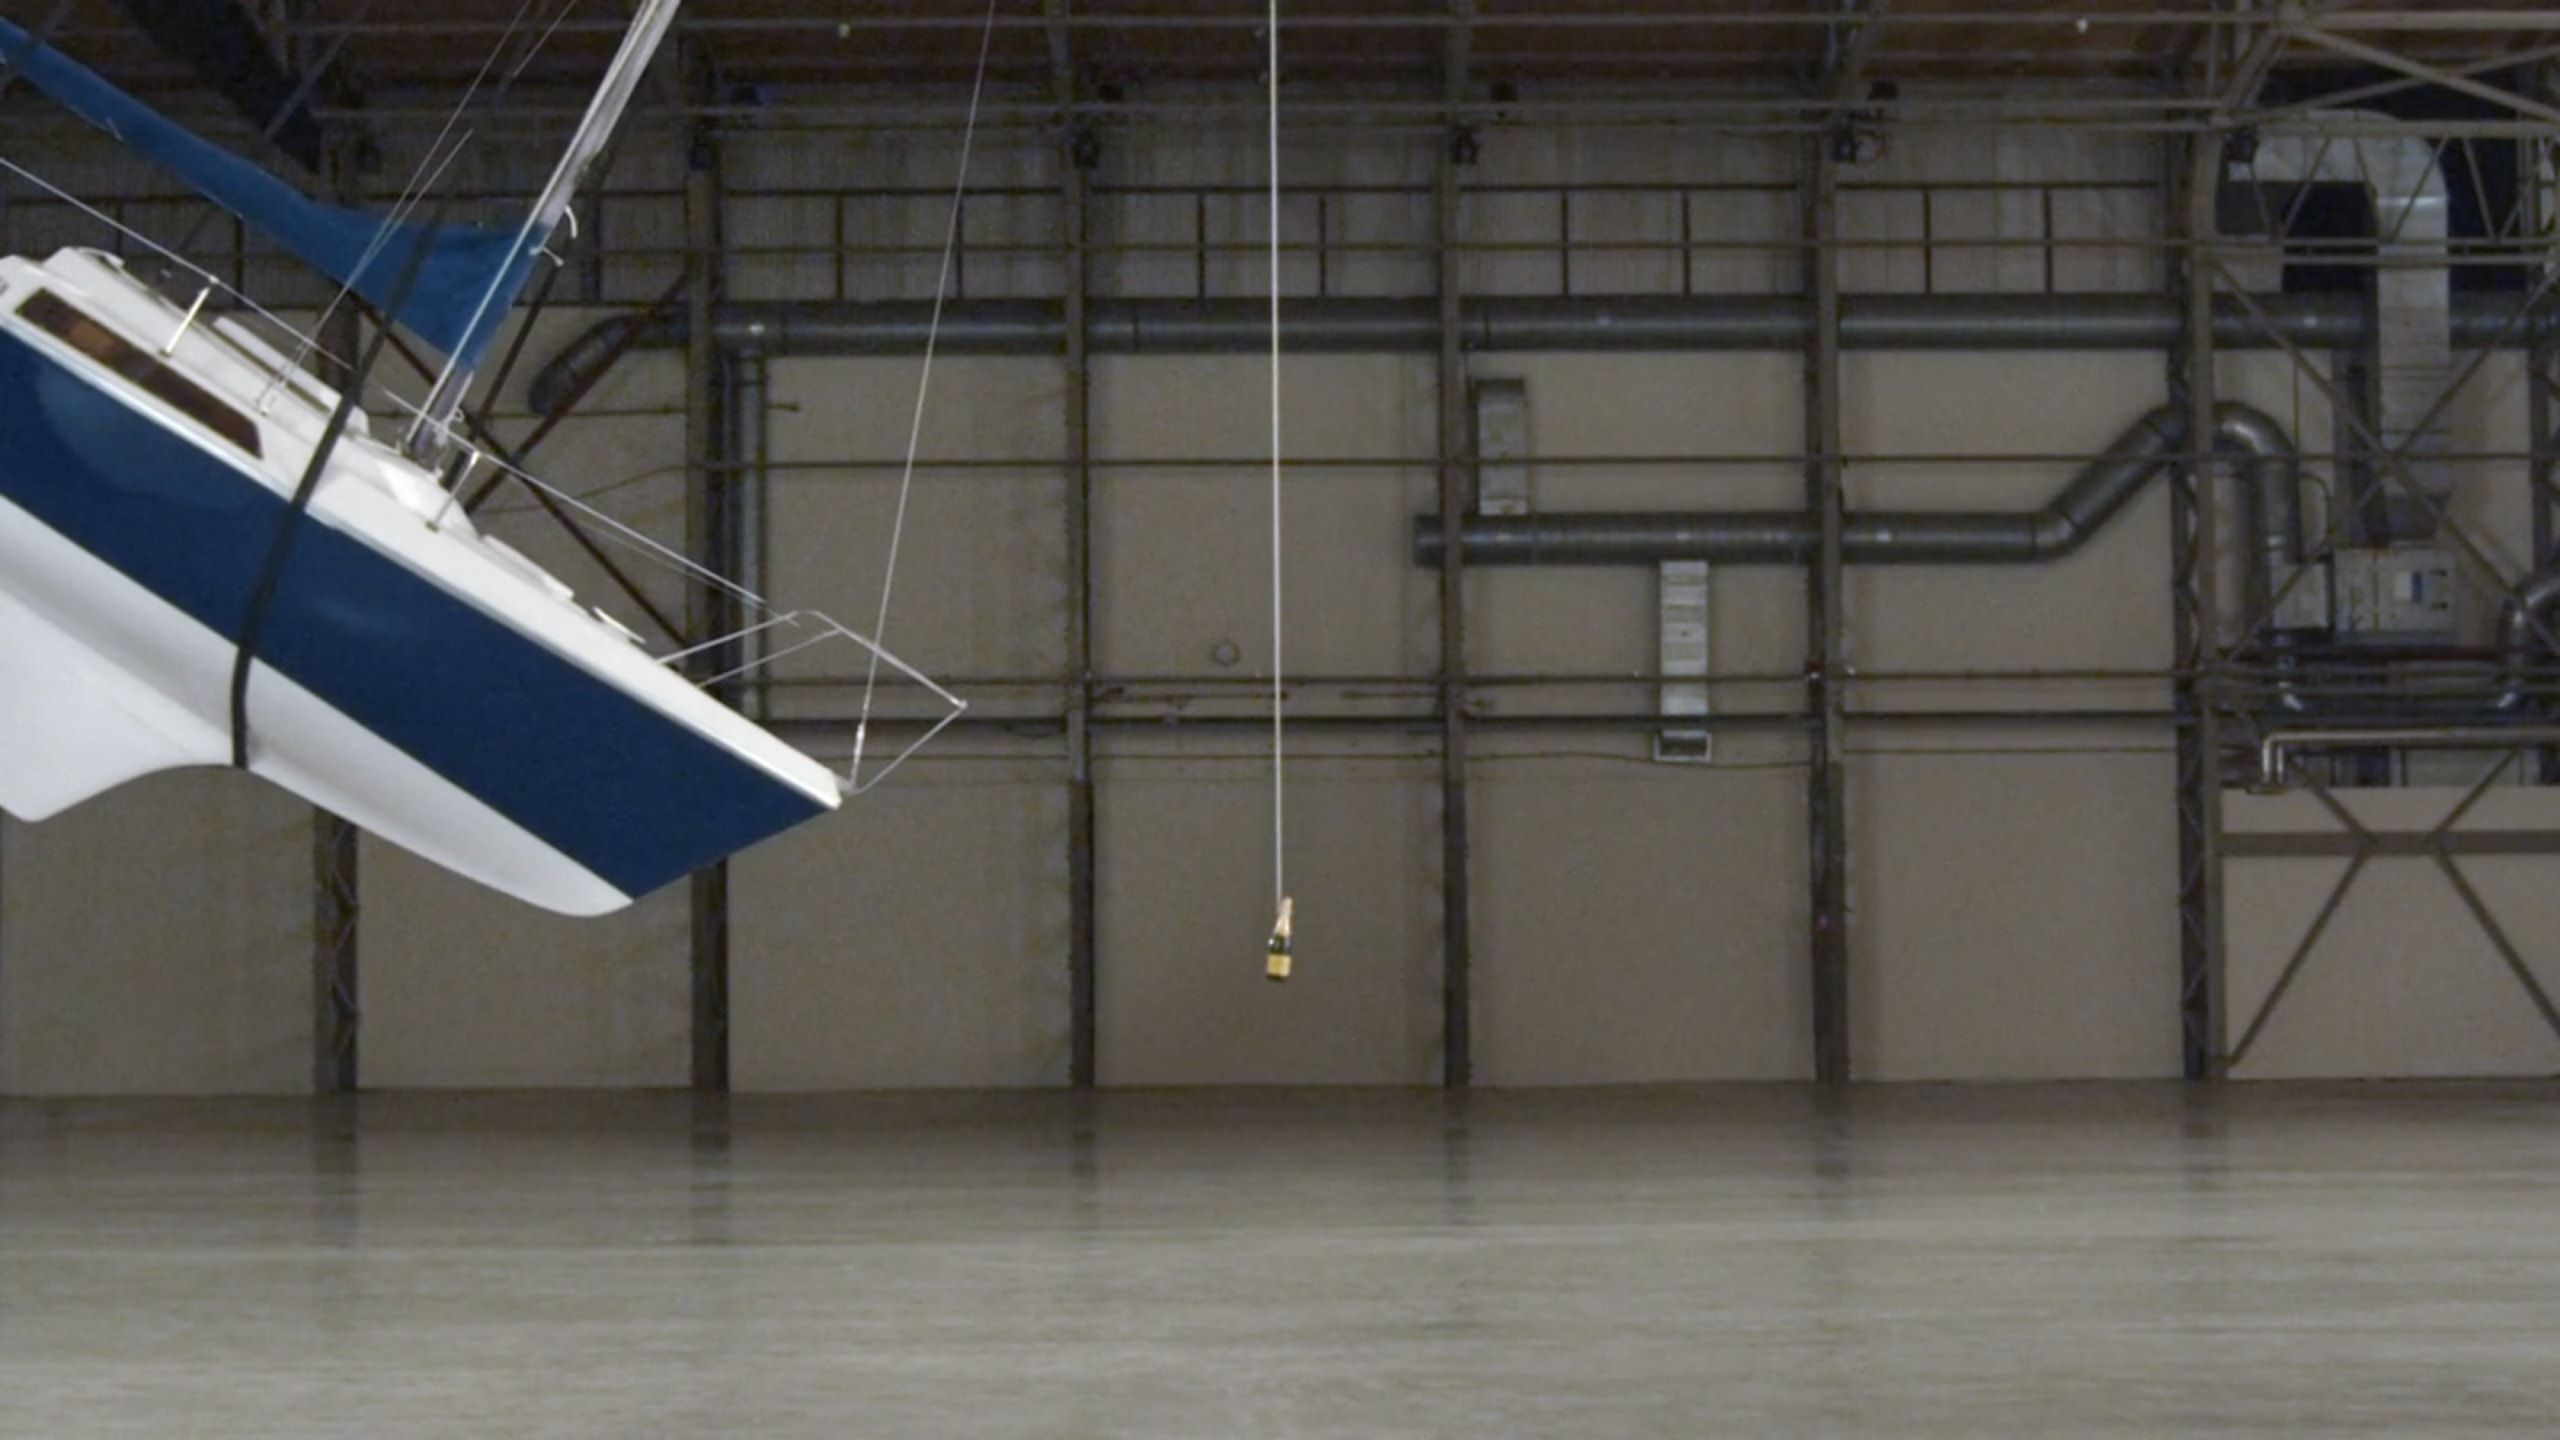 Studio Sander Plug – knab - Boat